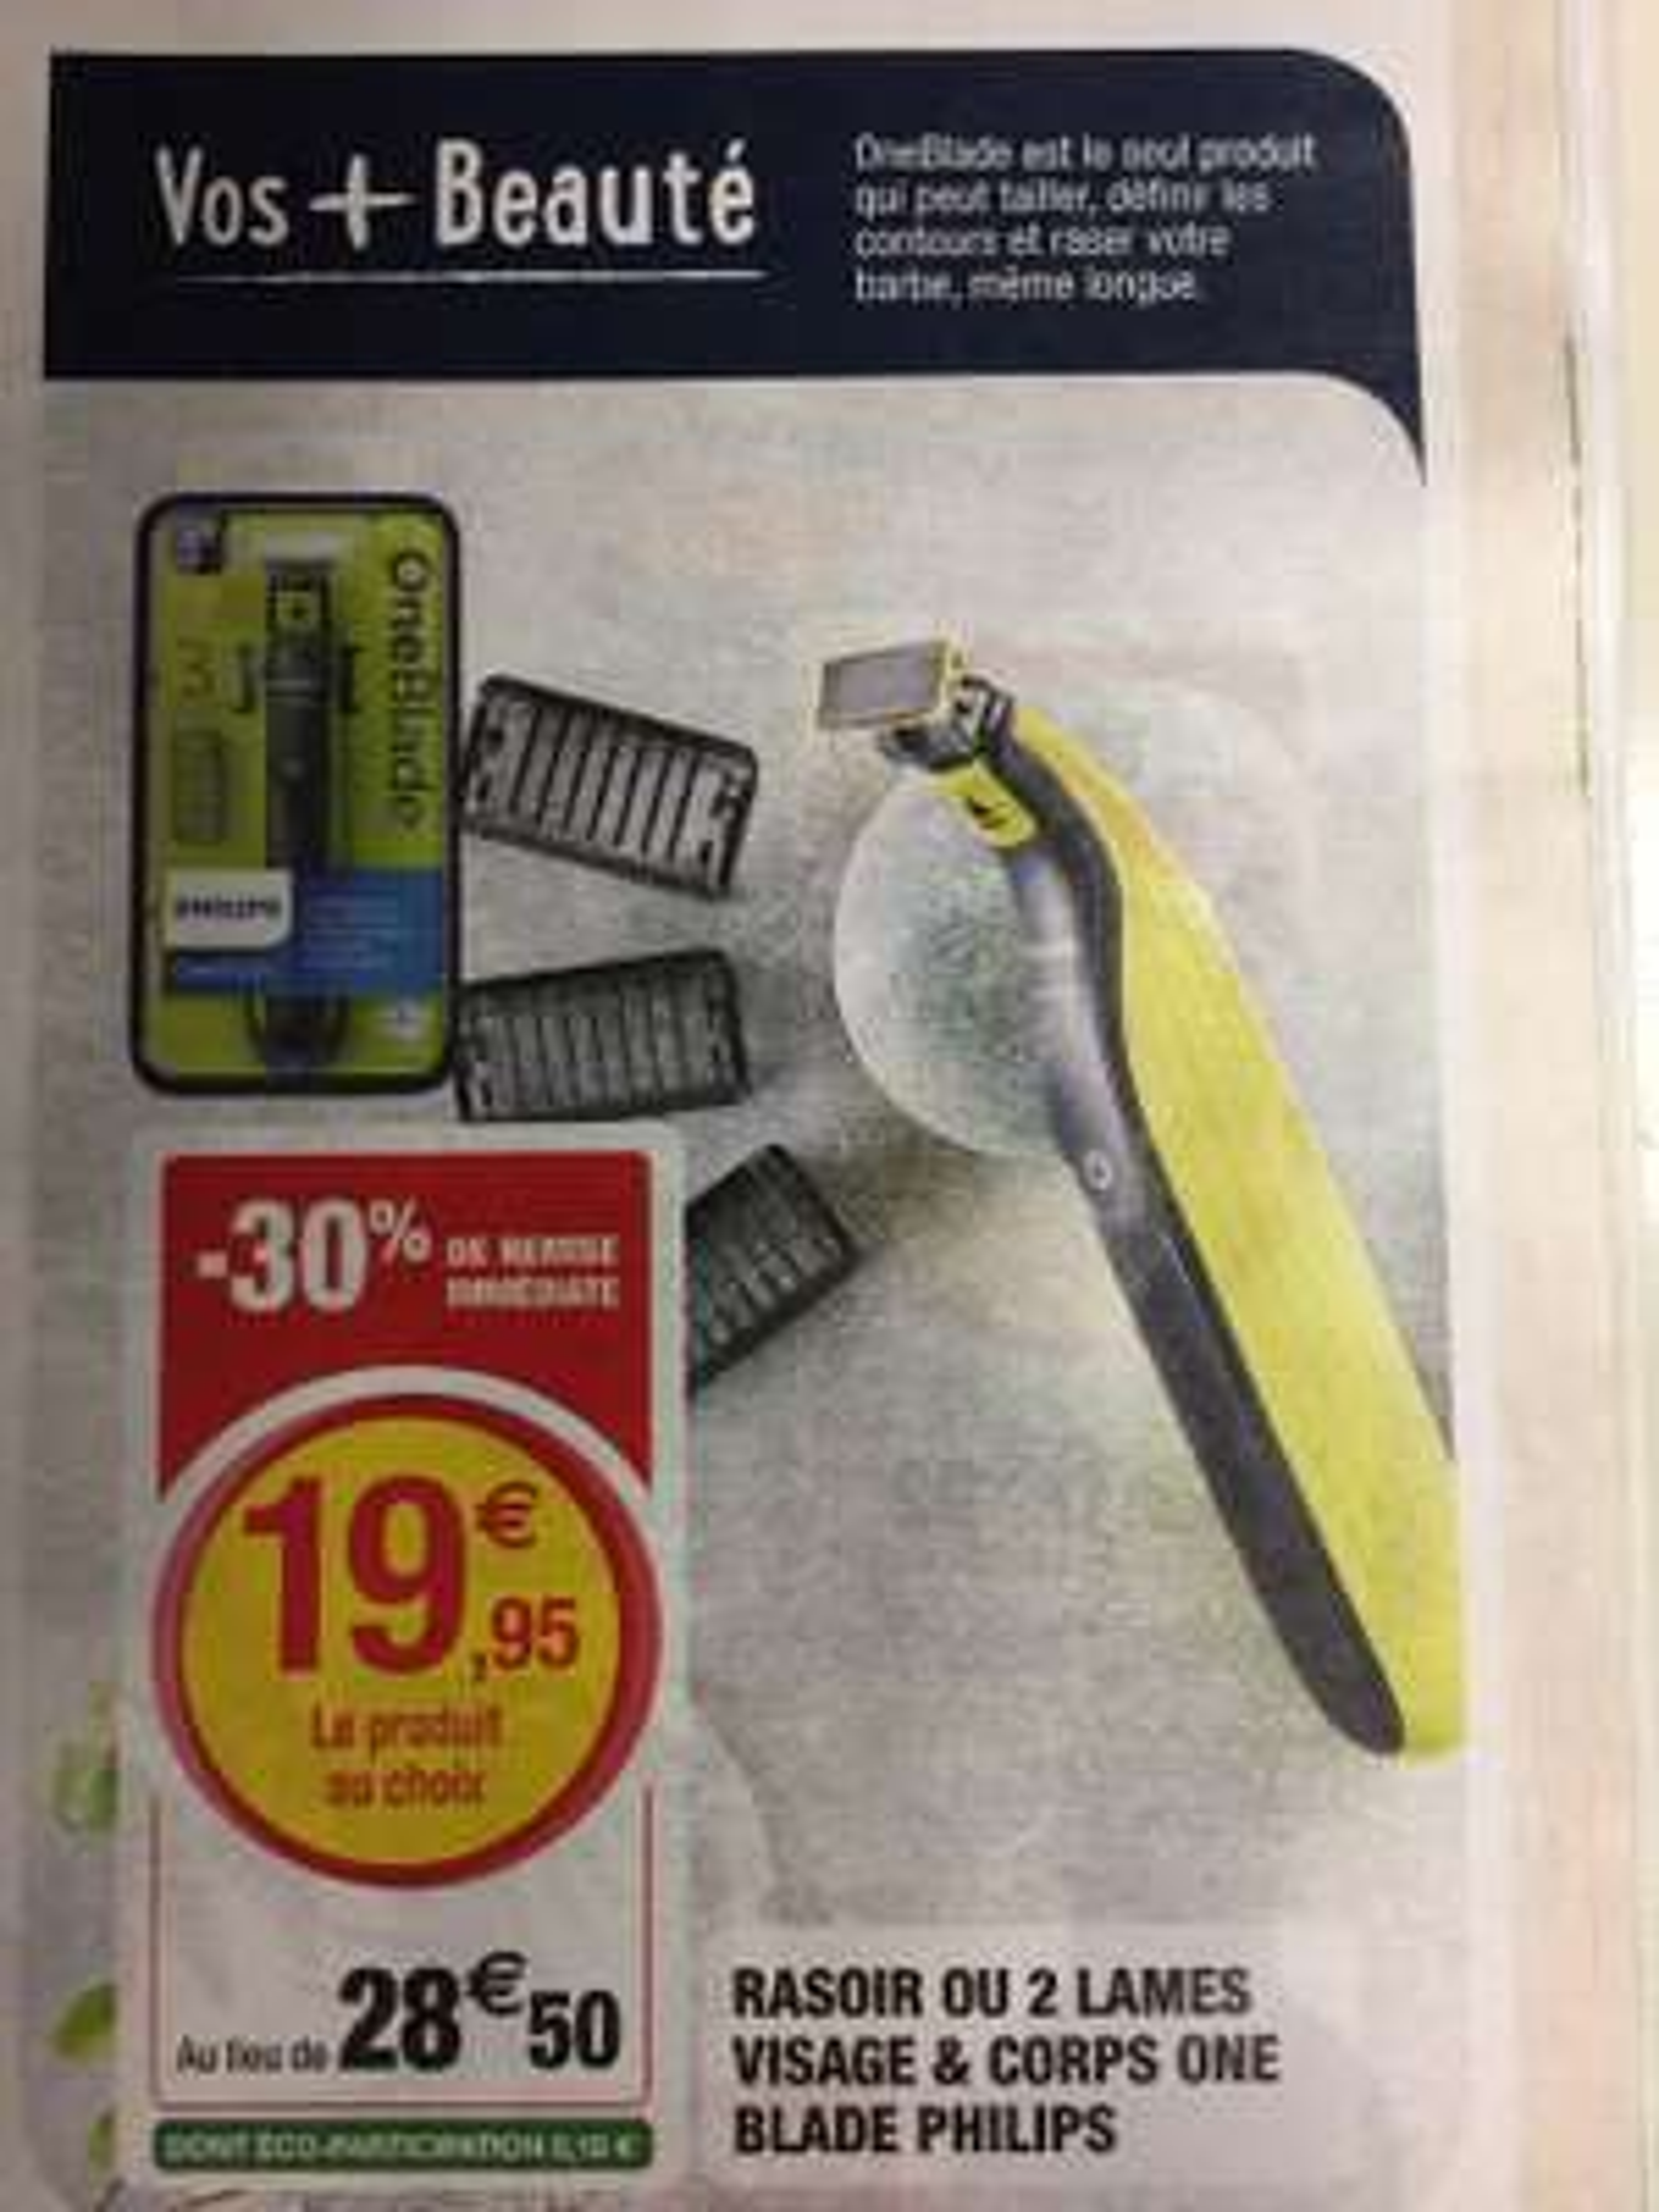 Rasoir ou 2 lames Philips One Blade